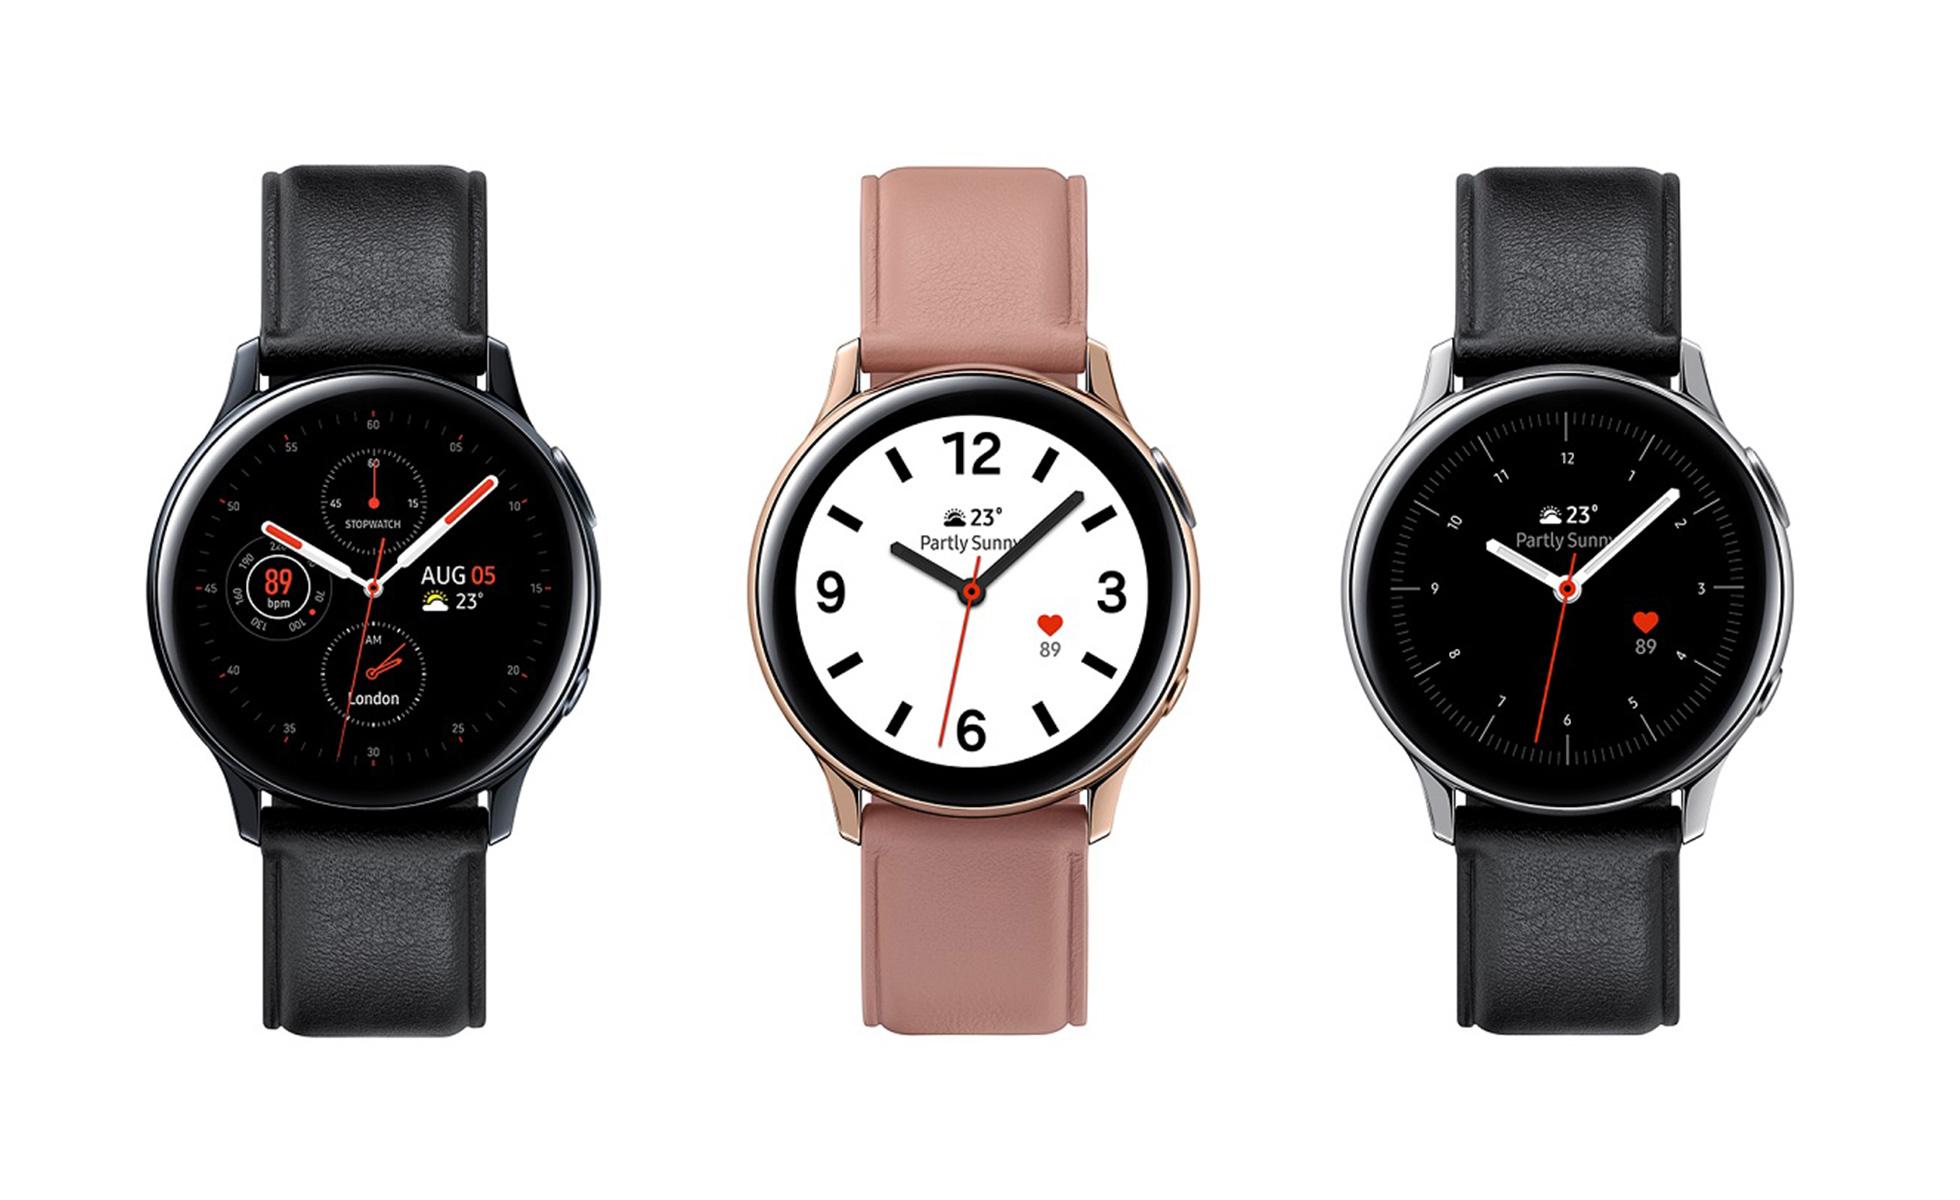 Samsung présente sa Galaxy Watch Active 2, une montre connectée avec ECG